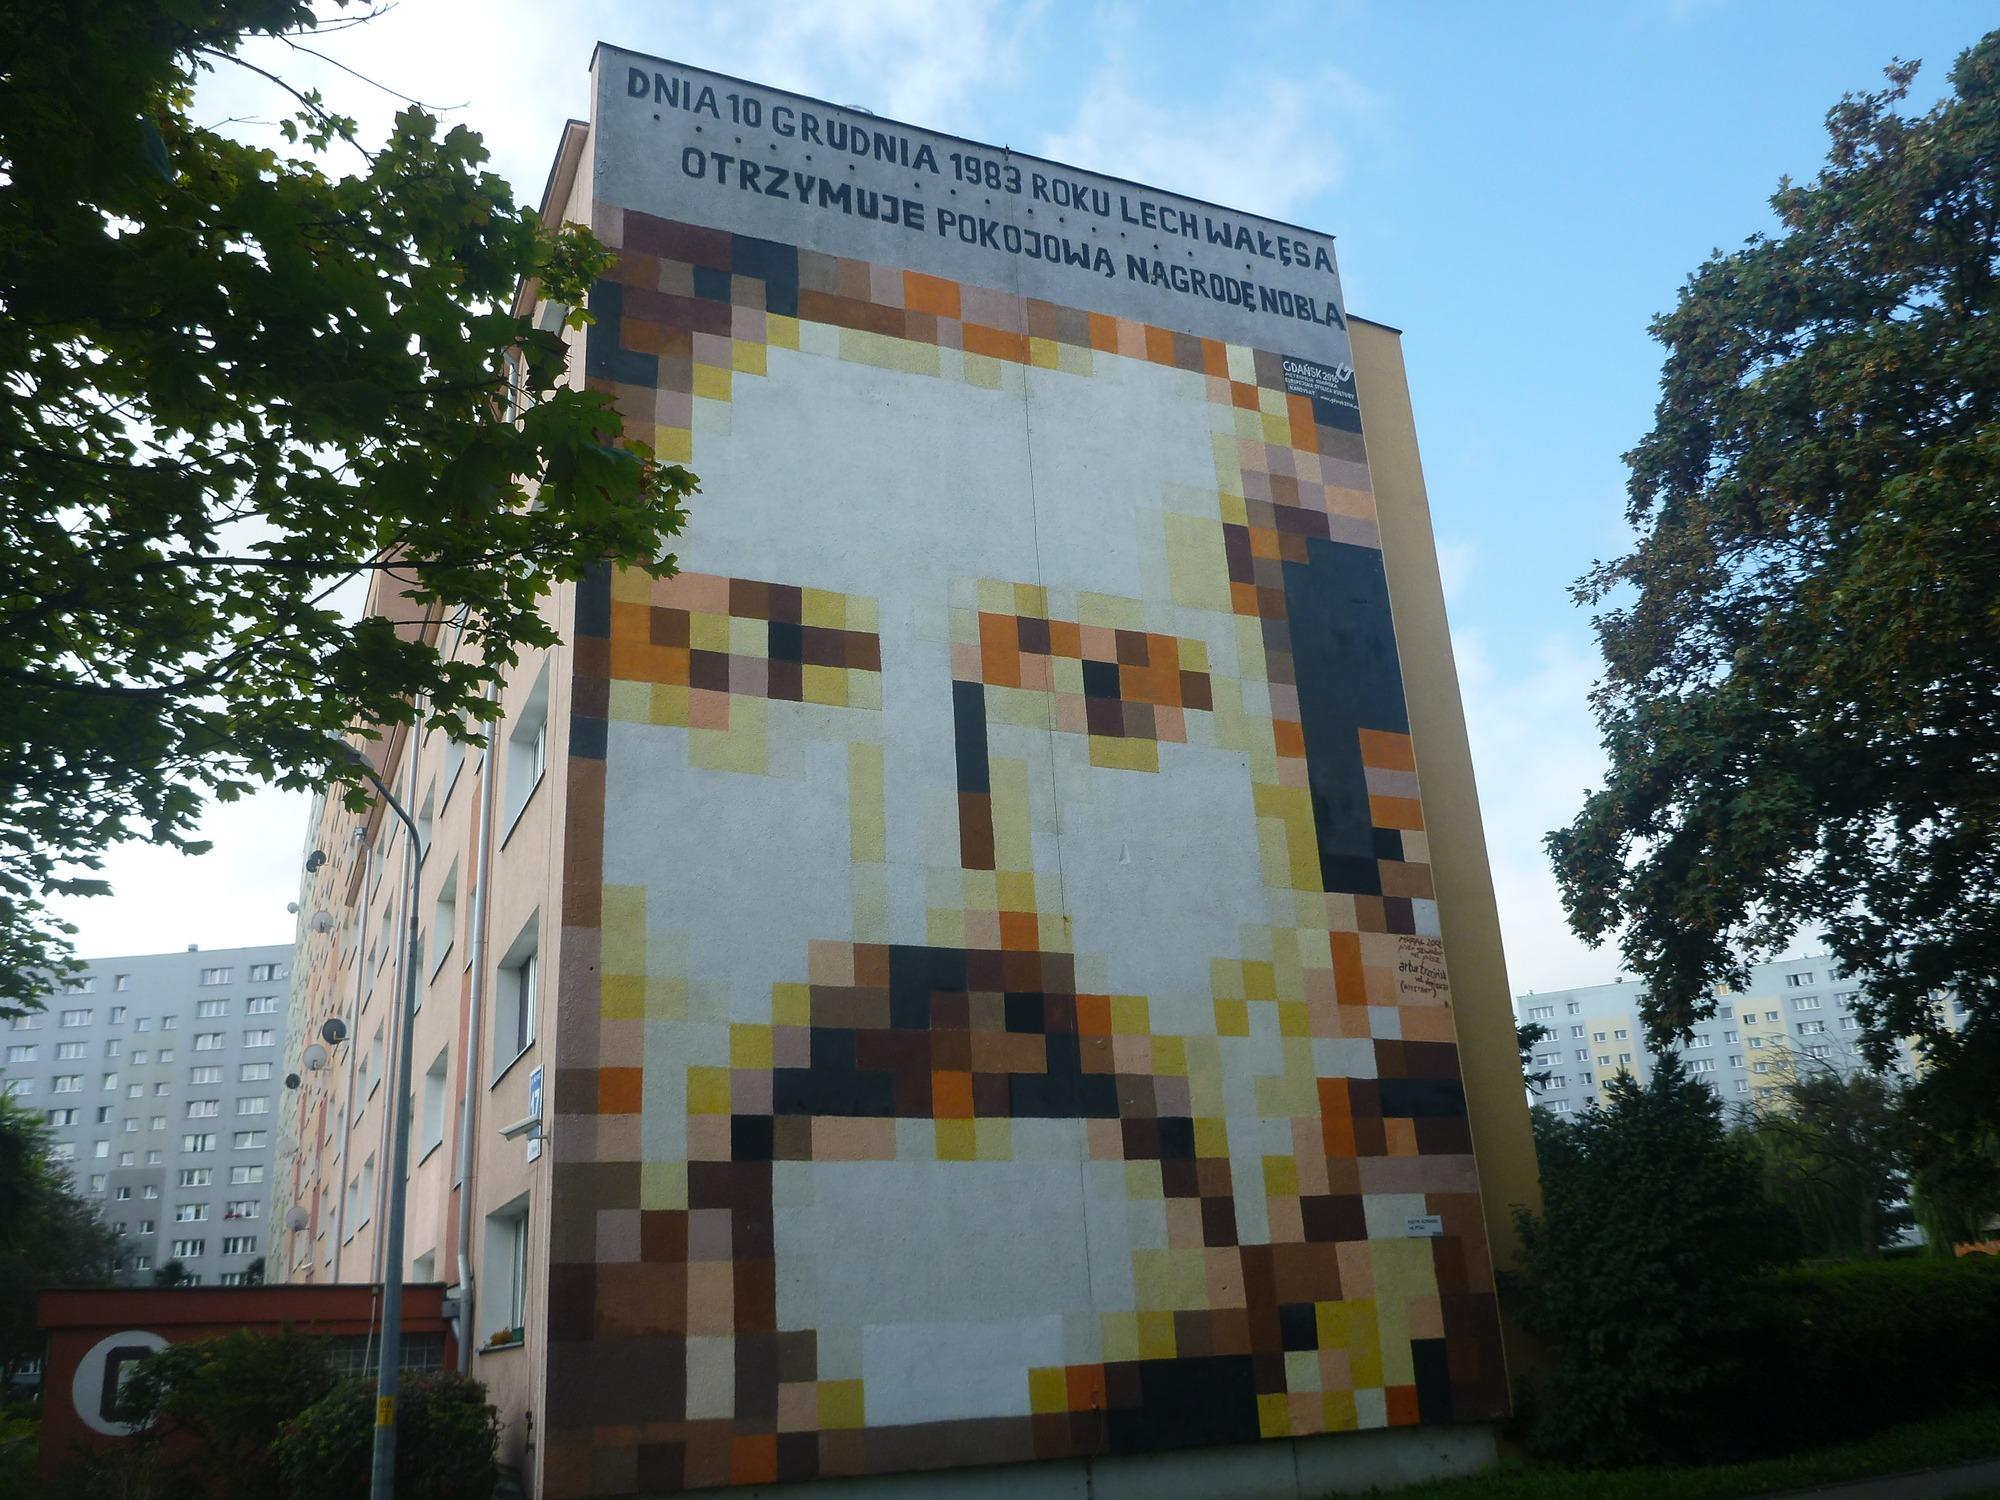 The famous Lech Wałęsa mural in Zaspa, Gdańsk, Poland